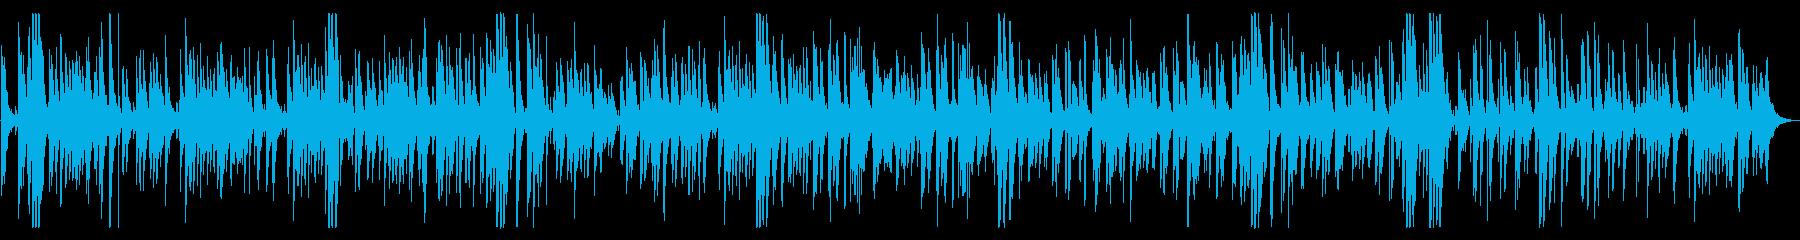 綺麗・お洒落モダンなジャズピアノバラードの再生済みの波形